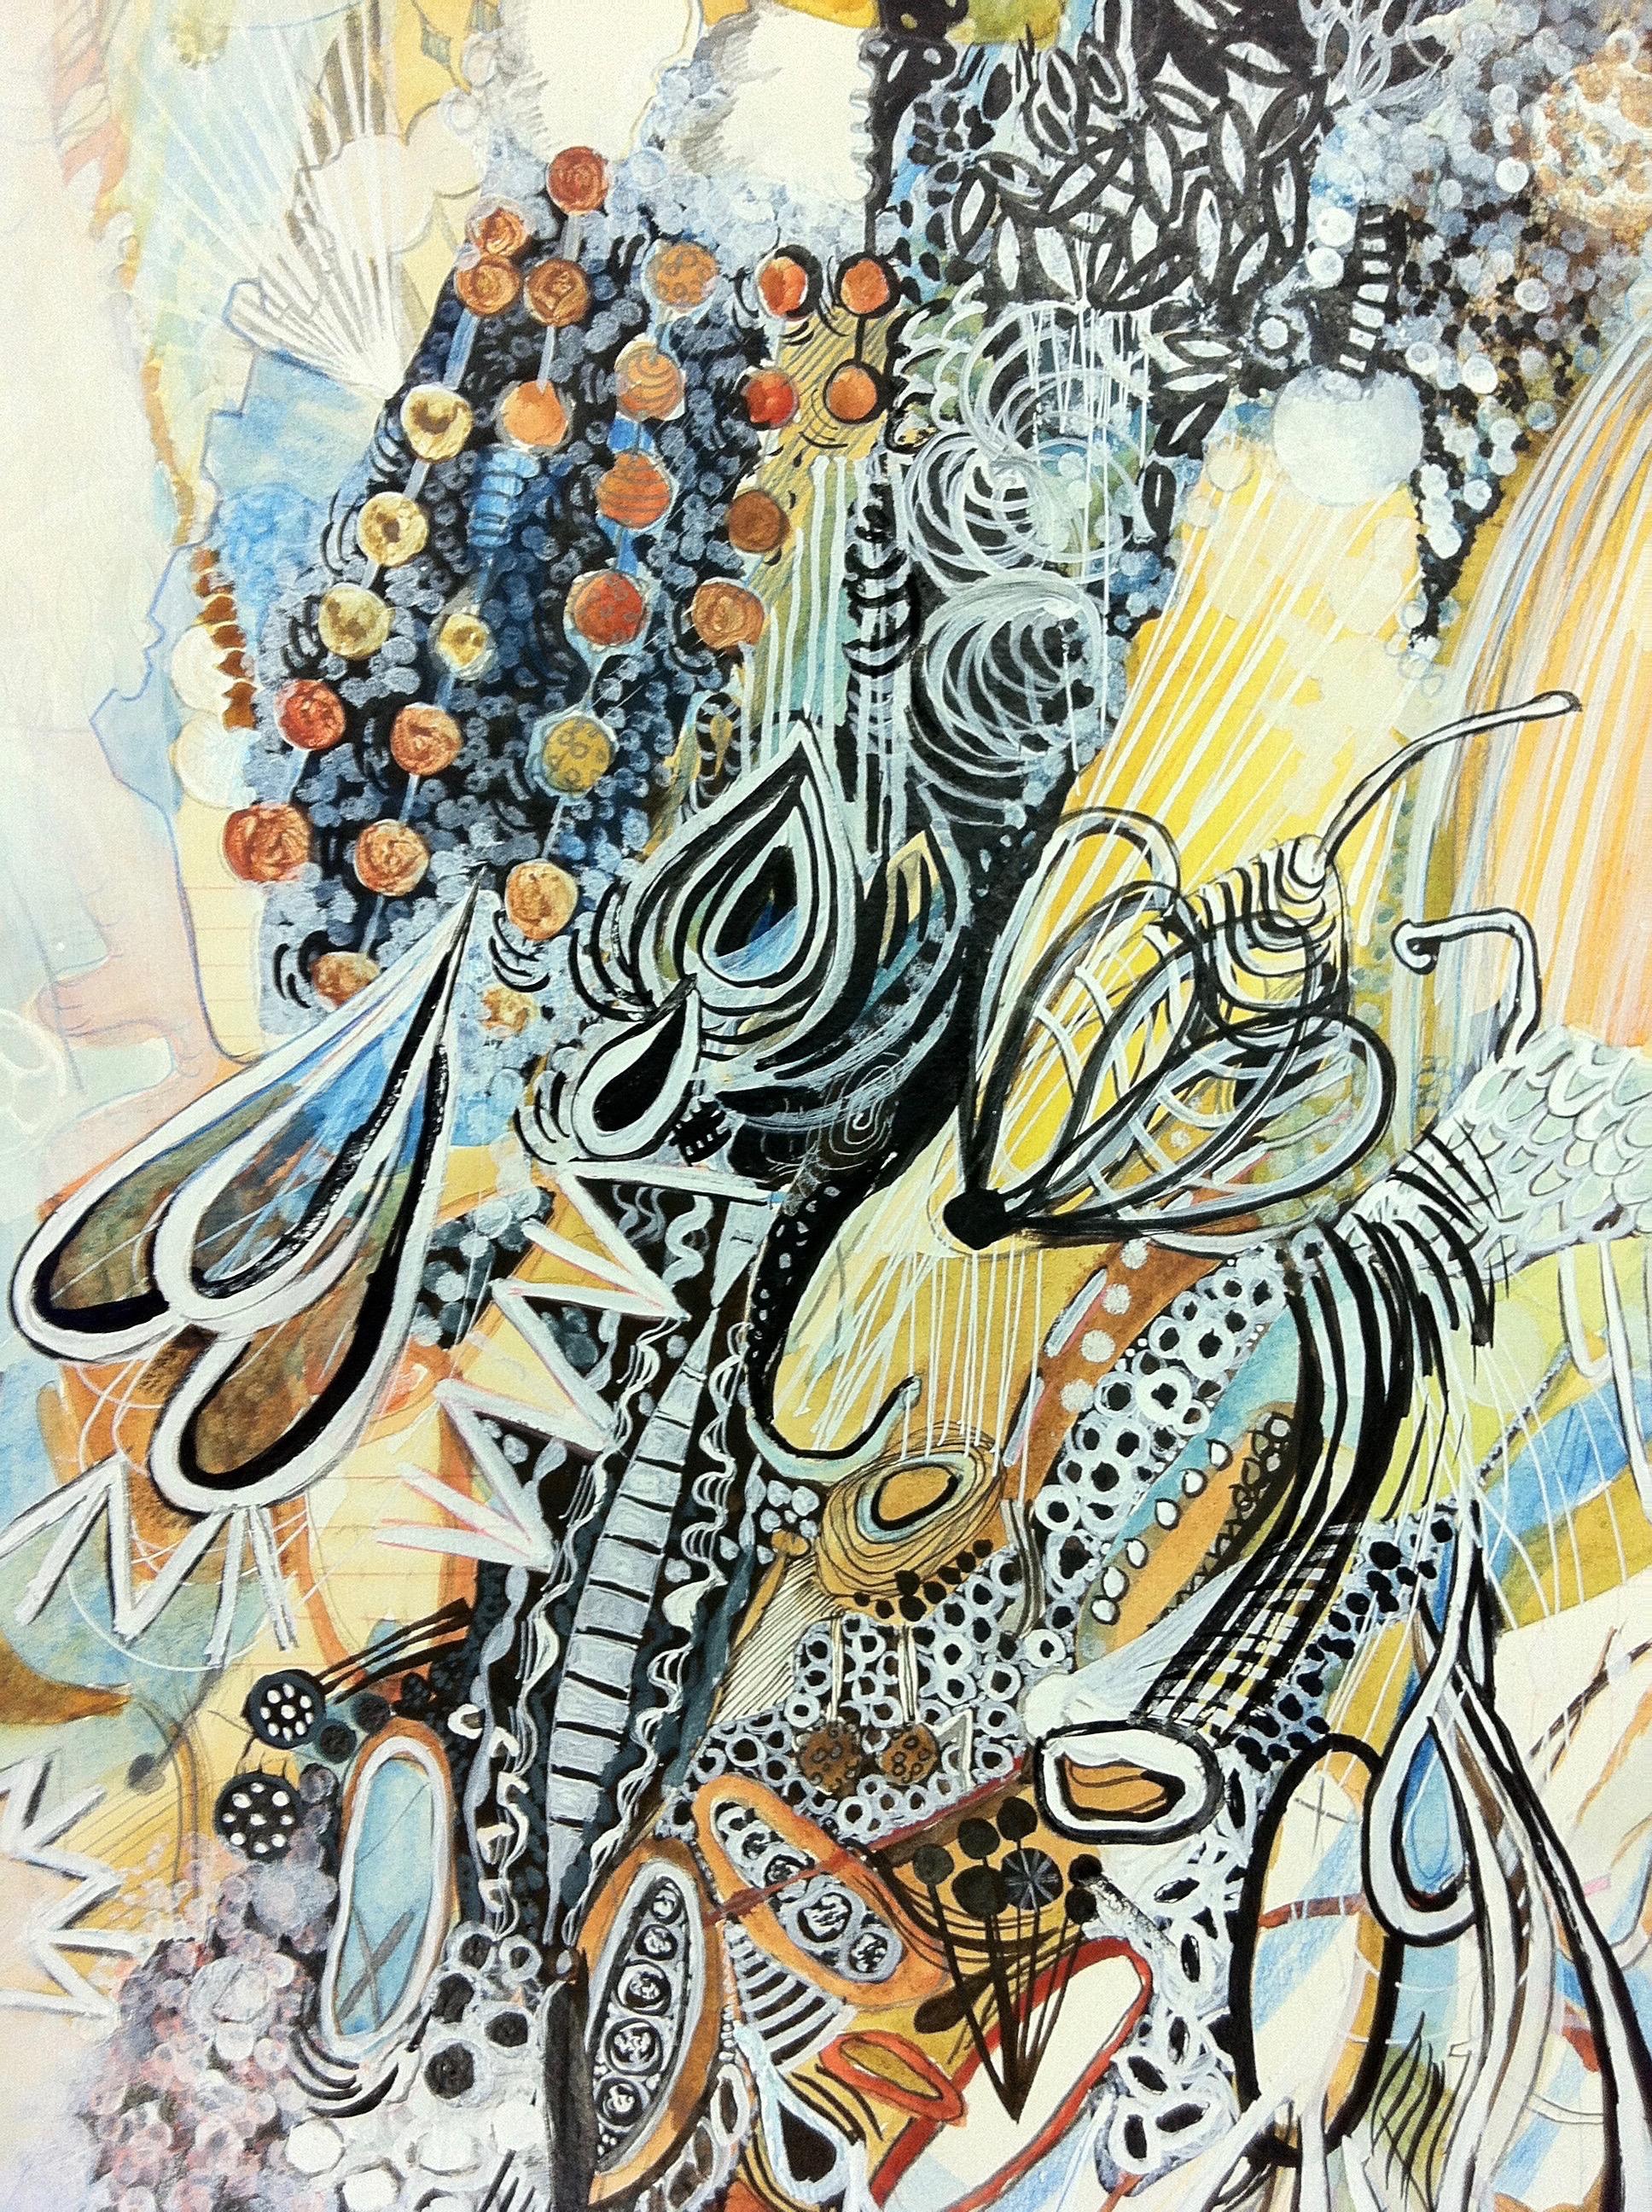 Jill Ehlert © - Detail